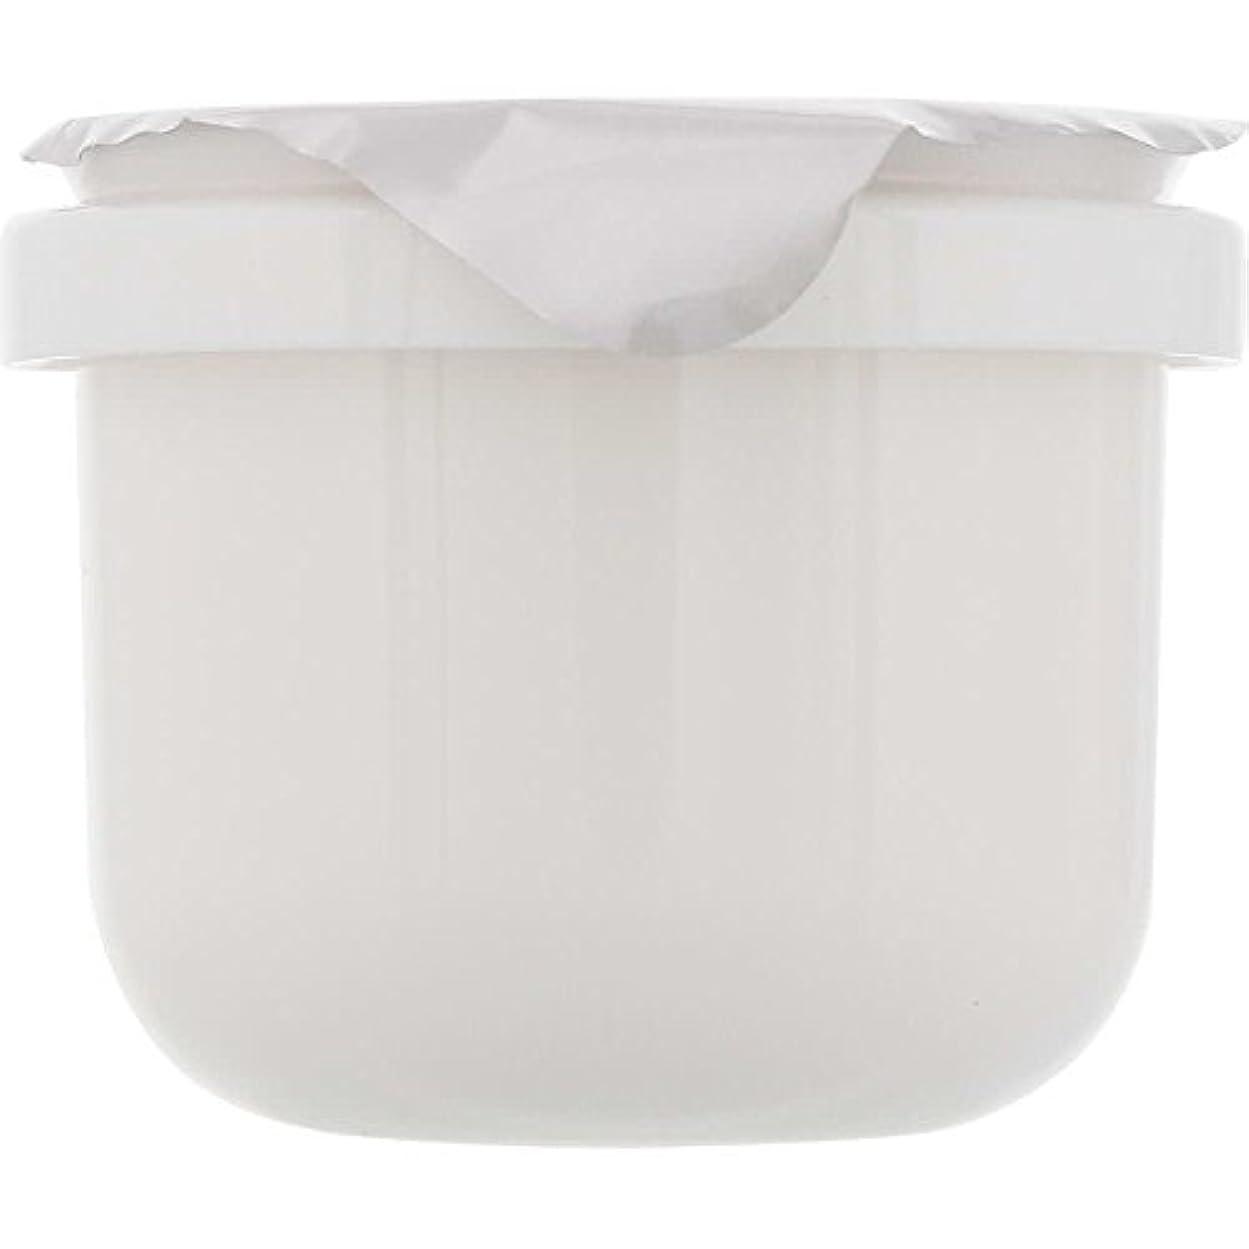 傾く略す個人的なLECHERI(ルシェリ) ルシェリ リフトグロウ クリーム 詰替え用 40g